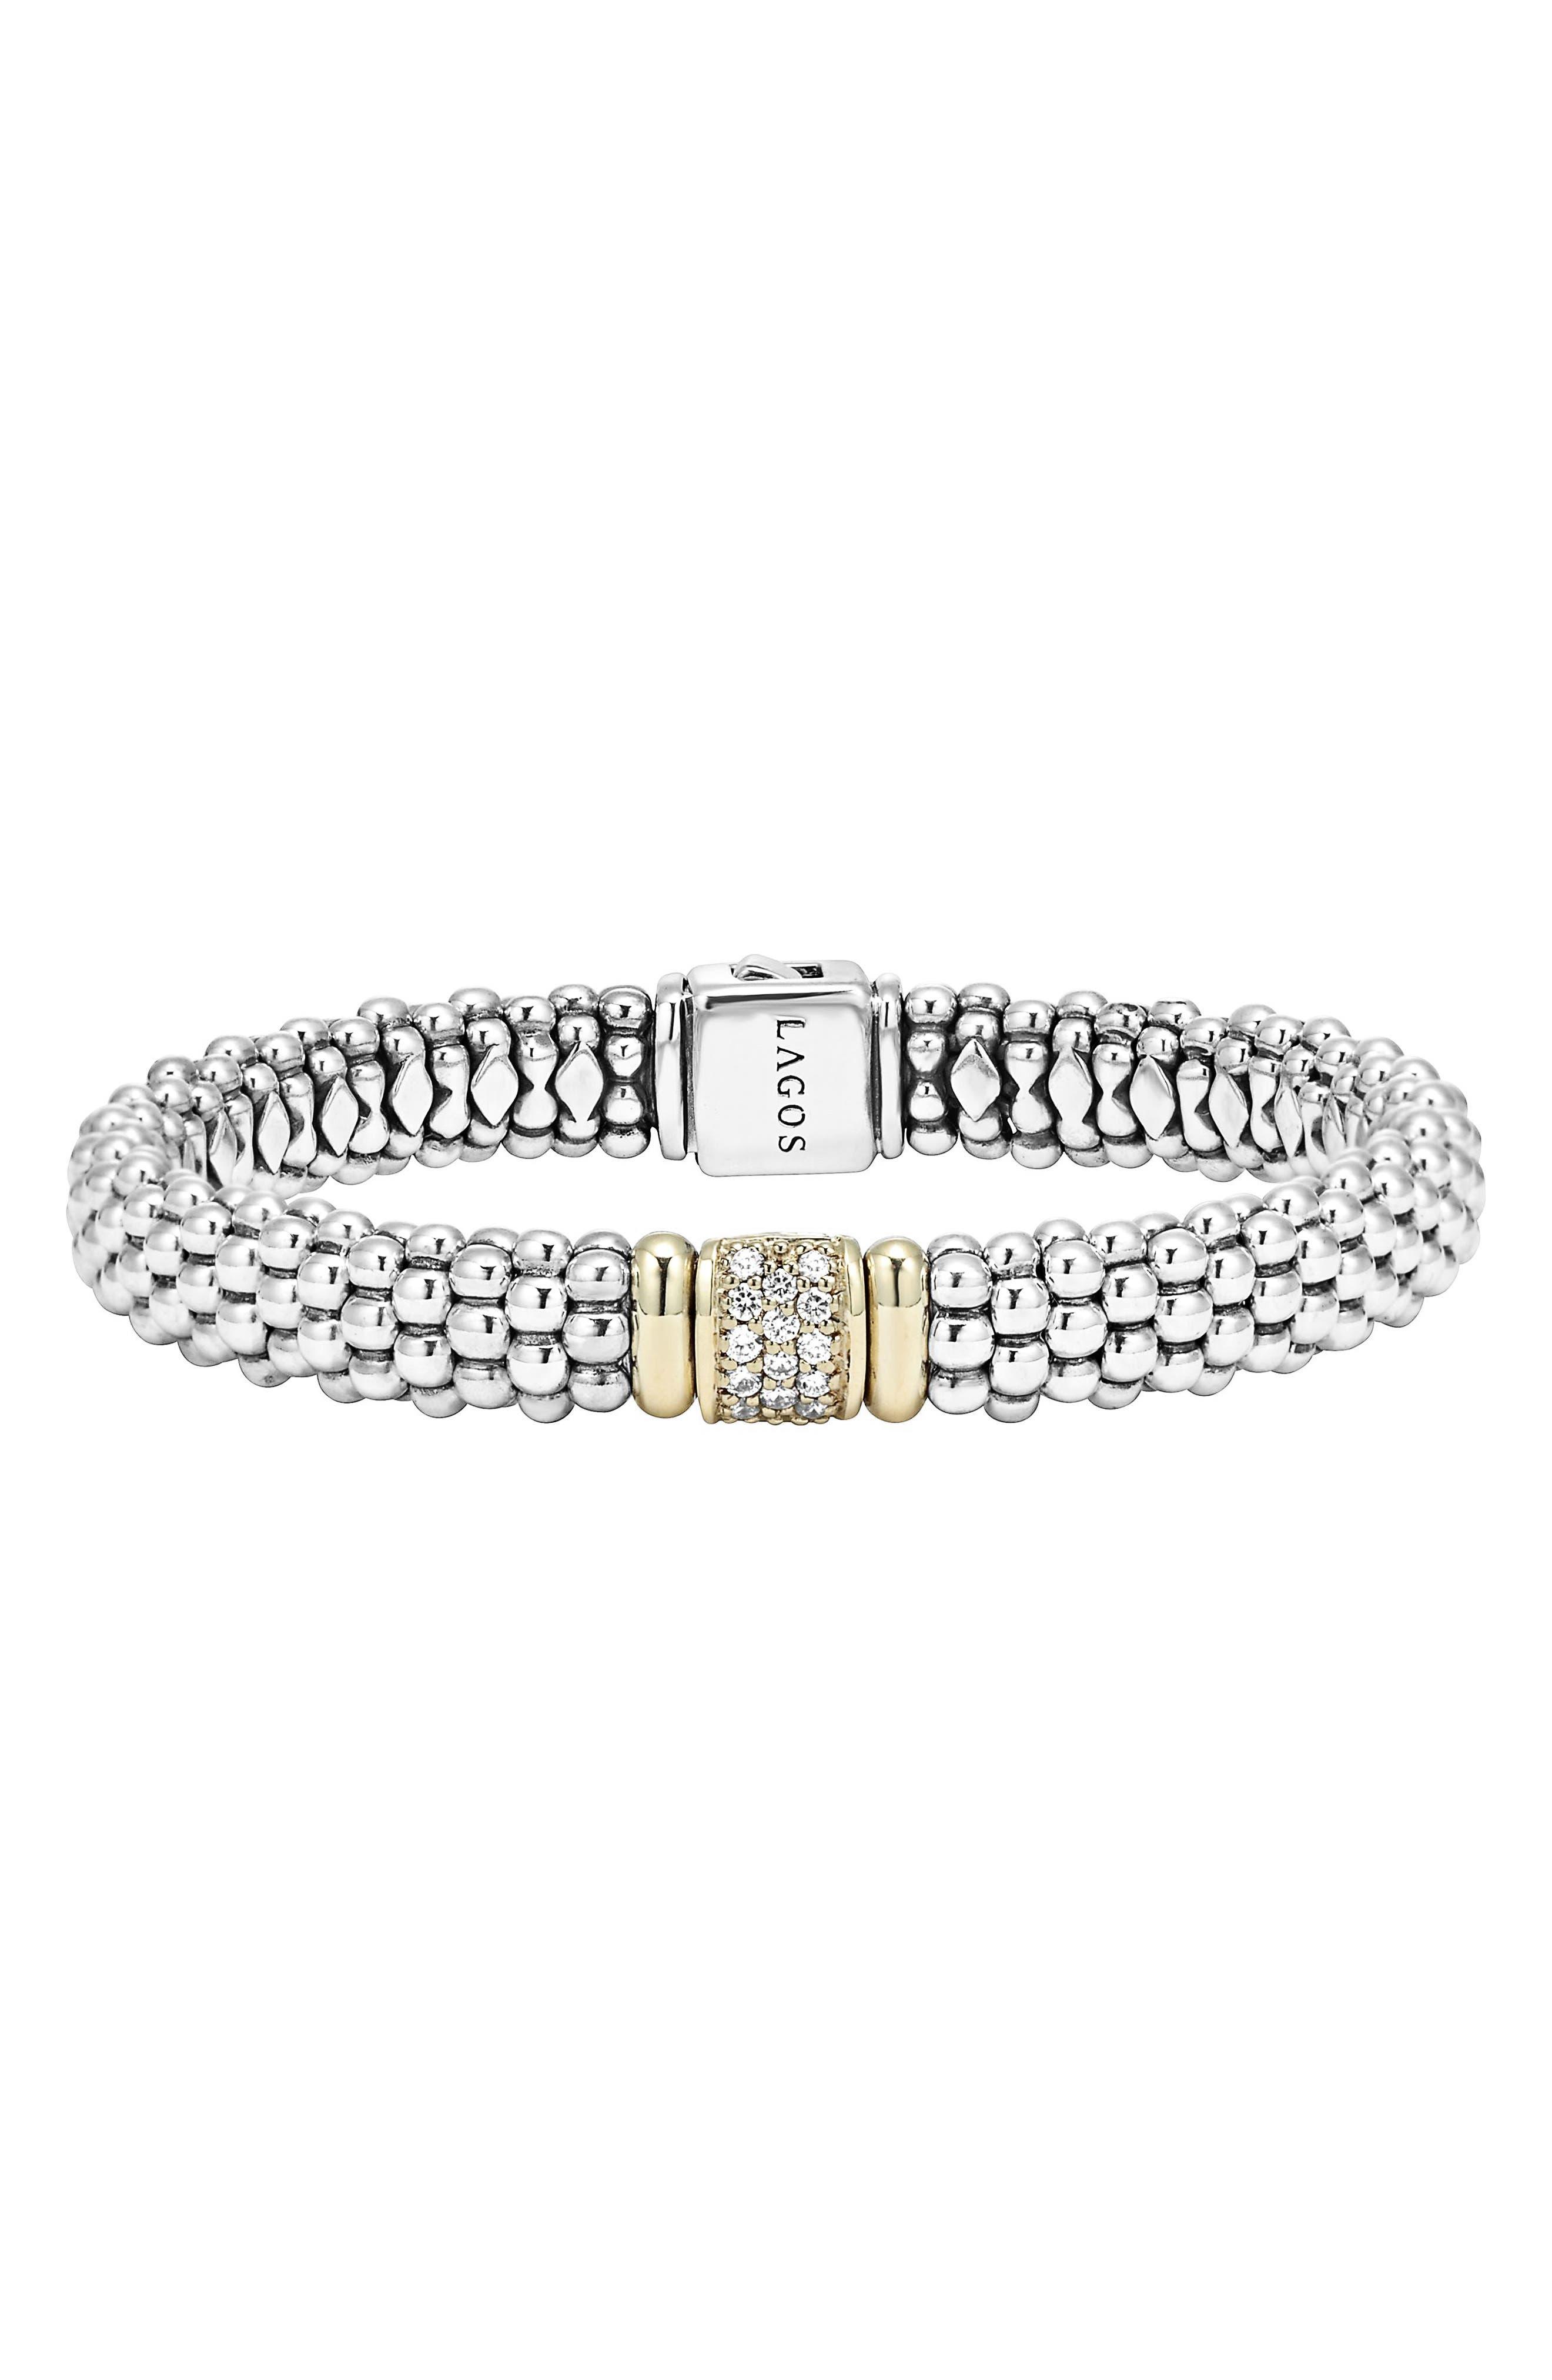 Main Image - LAGOS Caviar & Diamond Bracelet